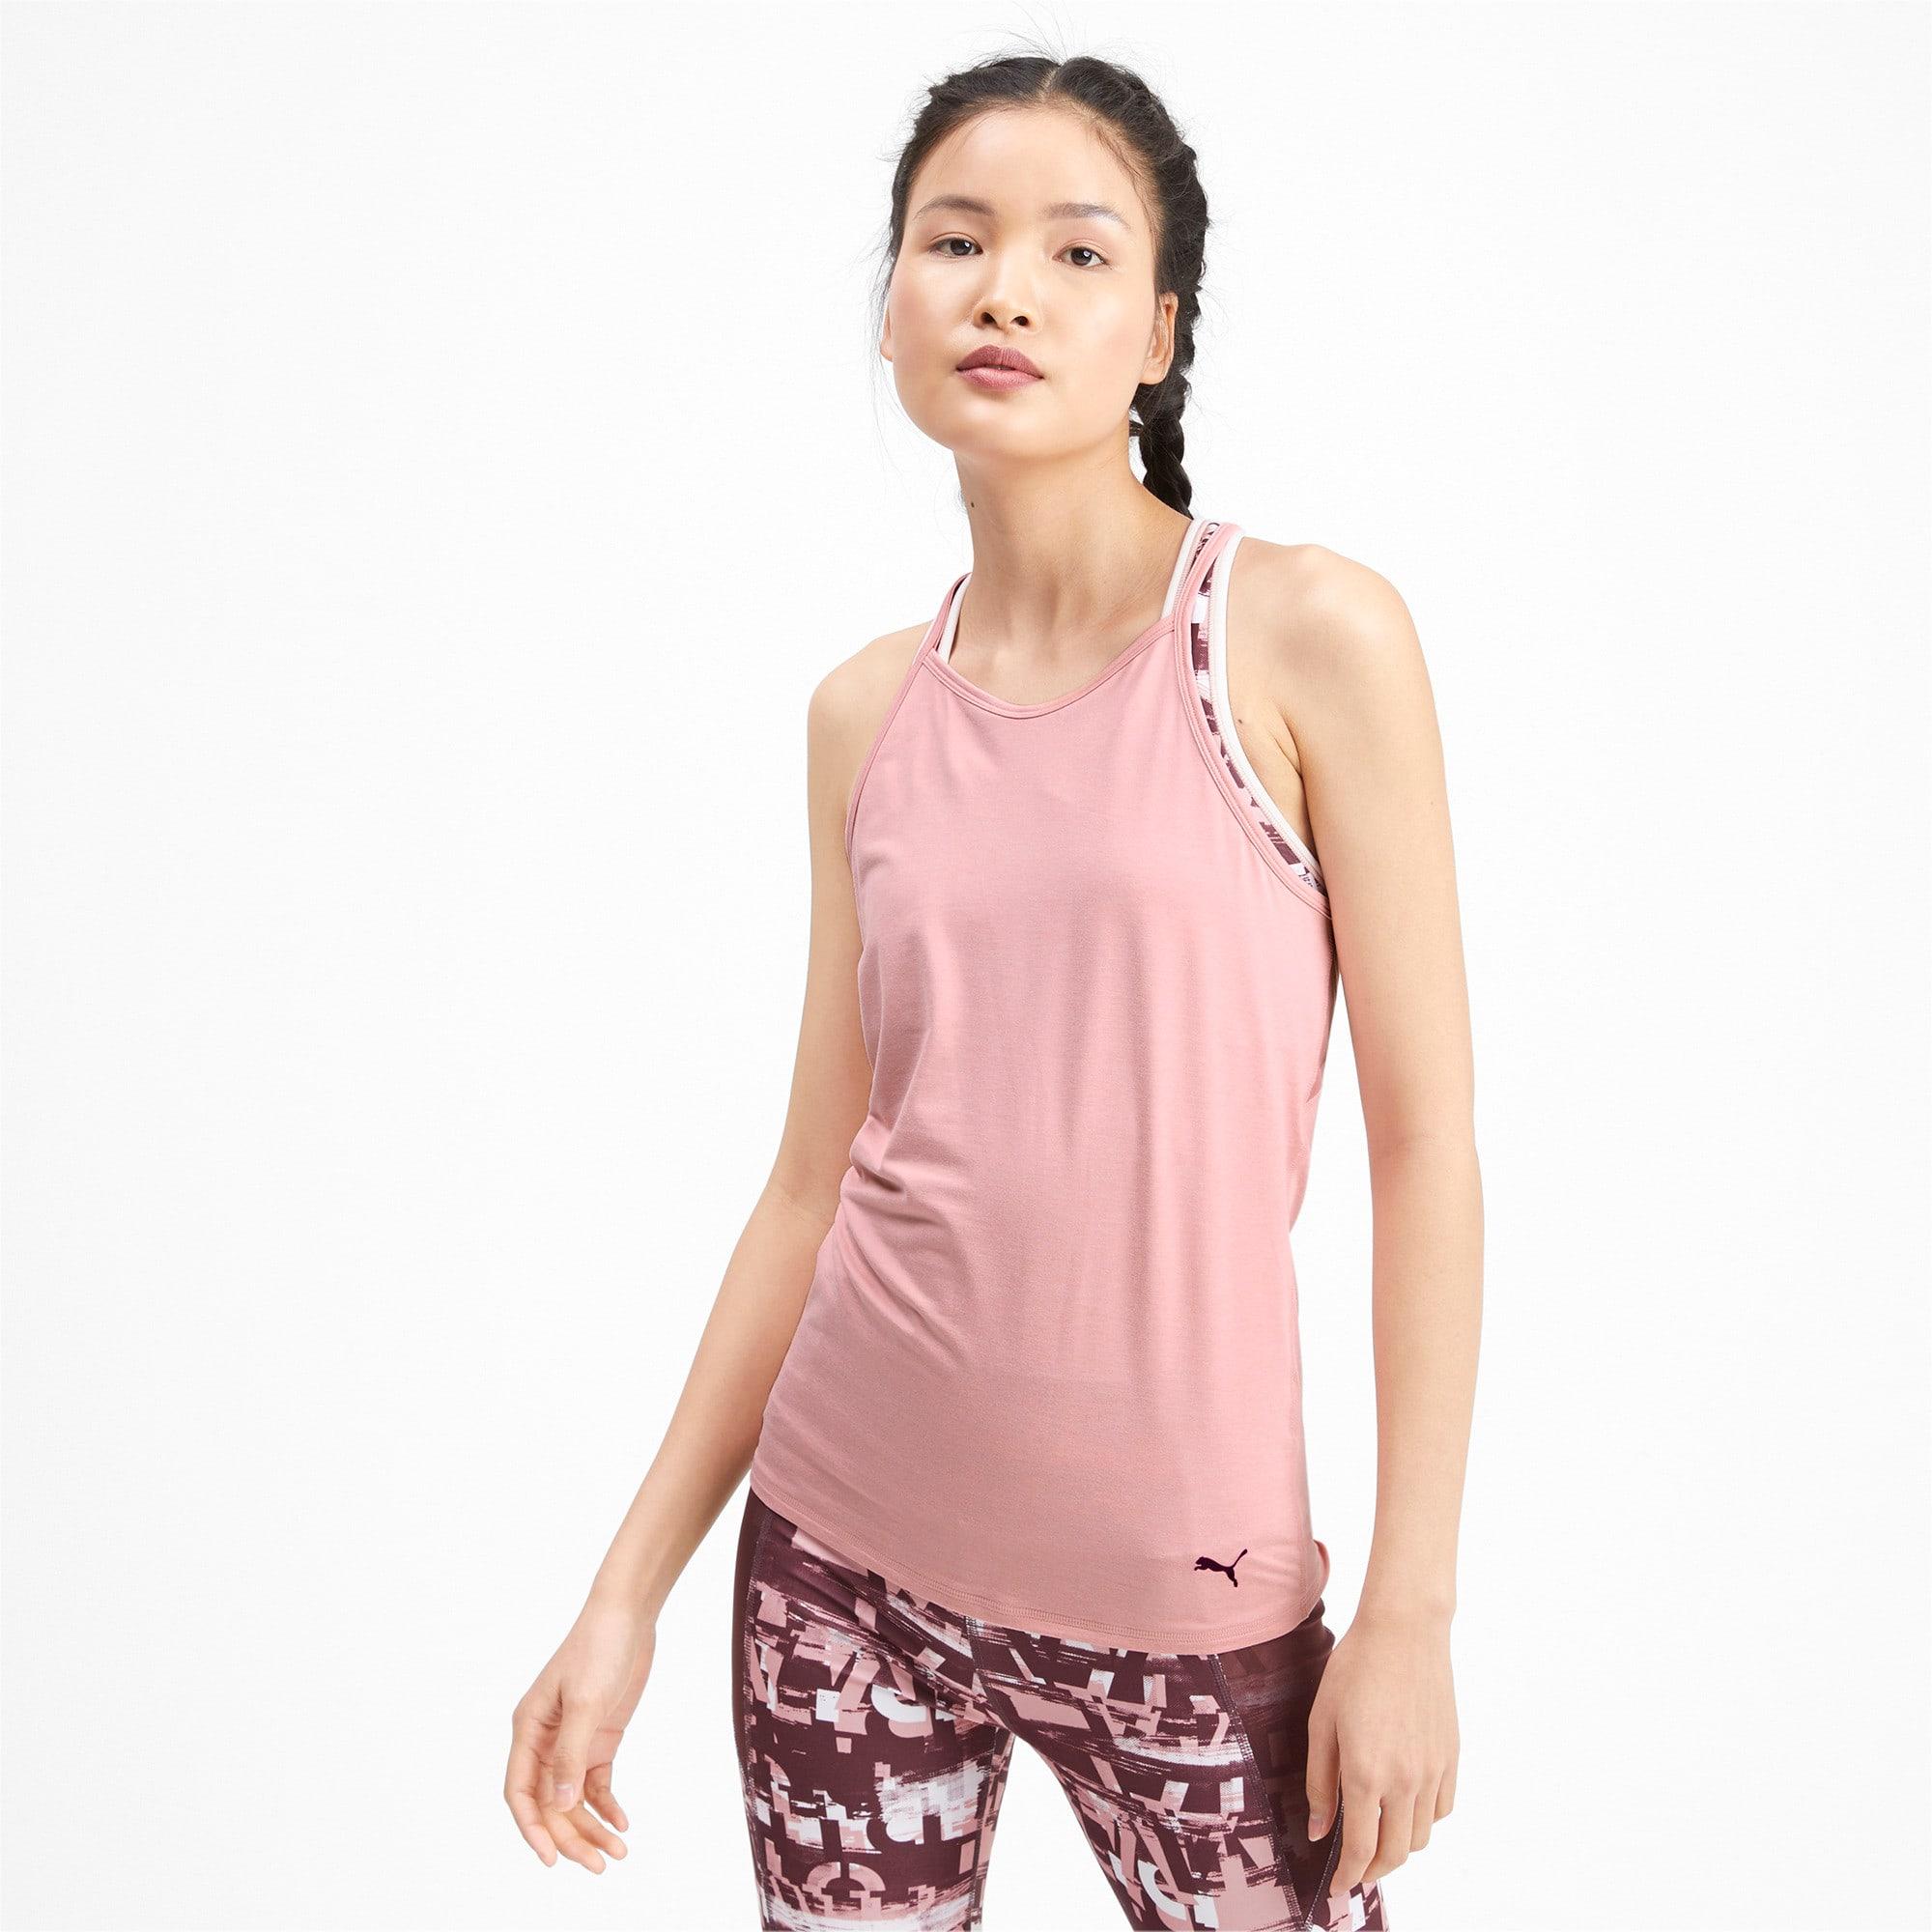 Miniatura 1 de Camiseta sin mangas Studio con espalda deportiva para mujer, Bridal Rose Heather, mediano